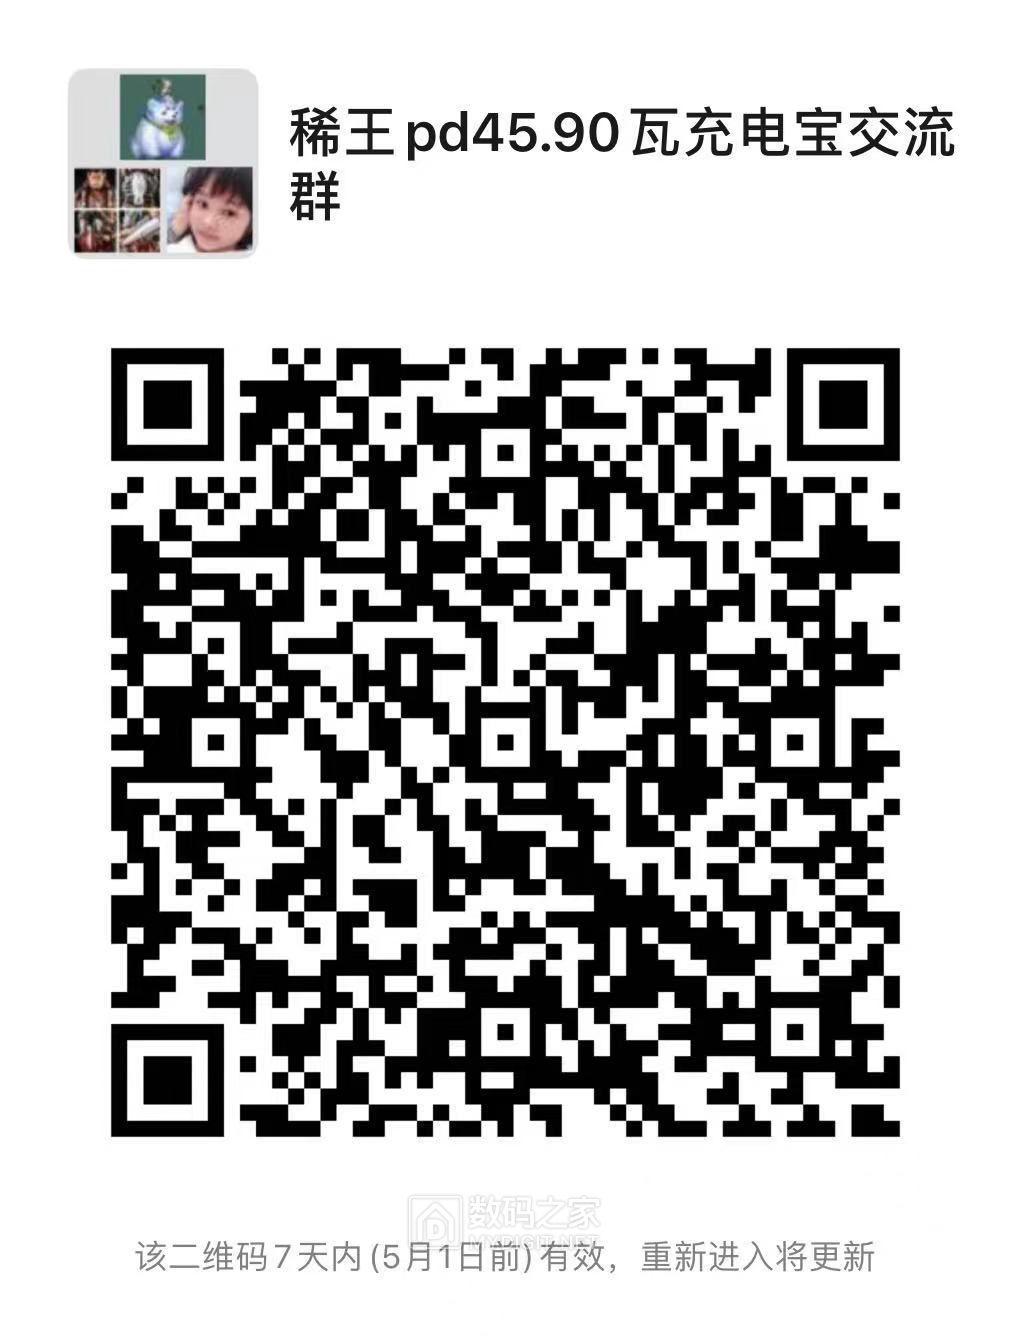 微信图片_20210424195712.jpg